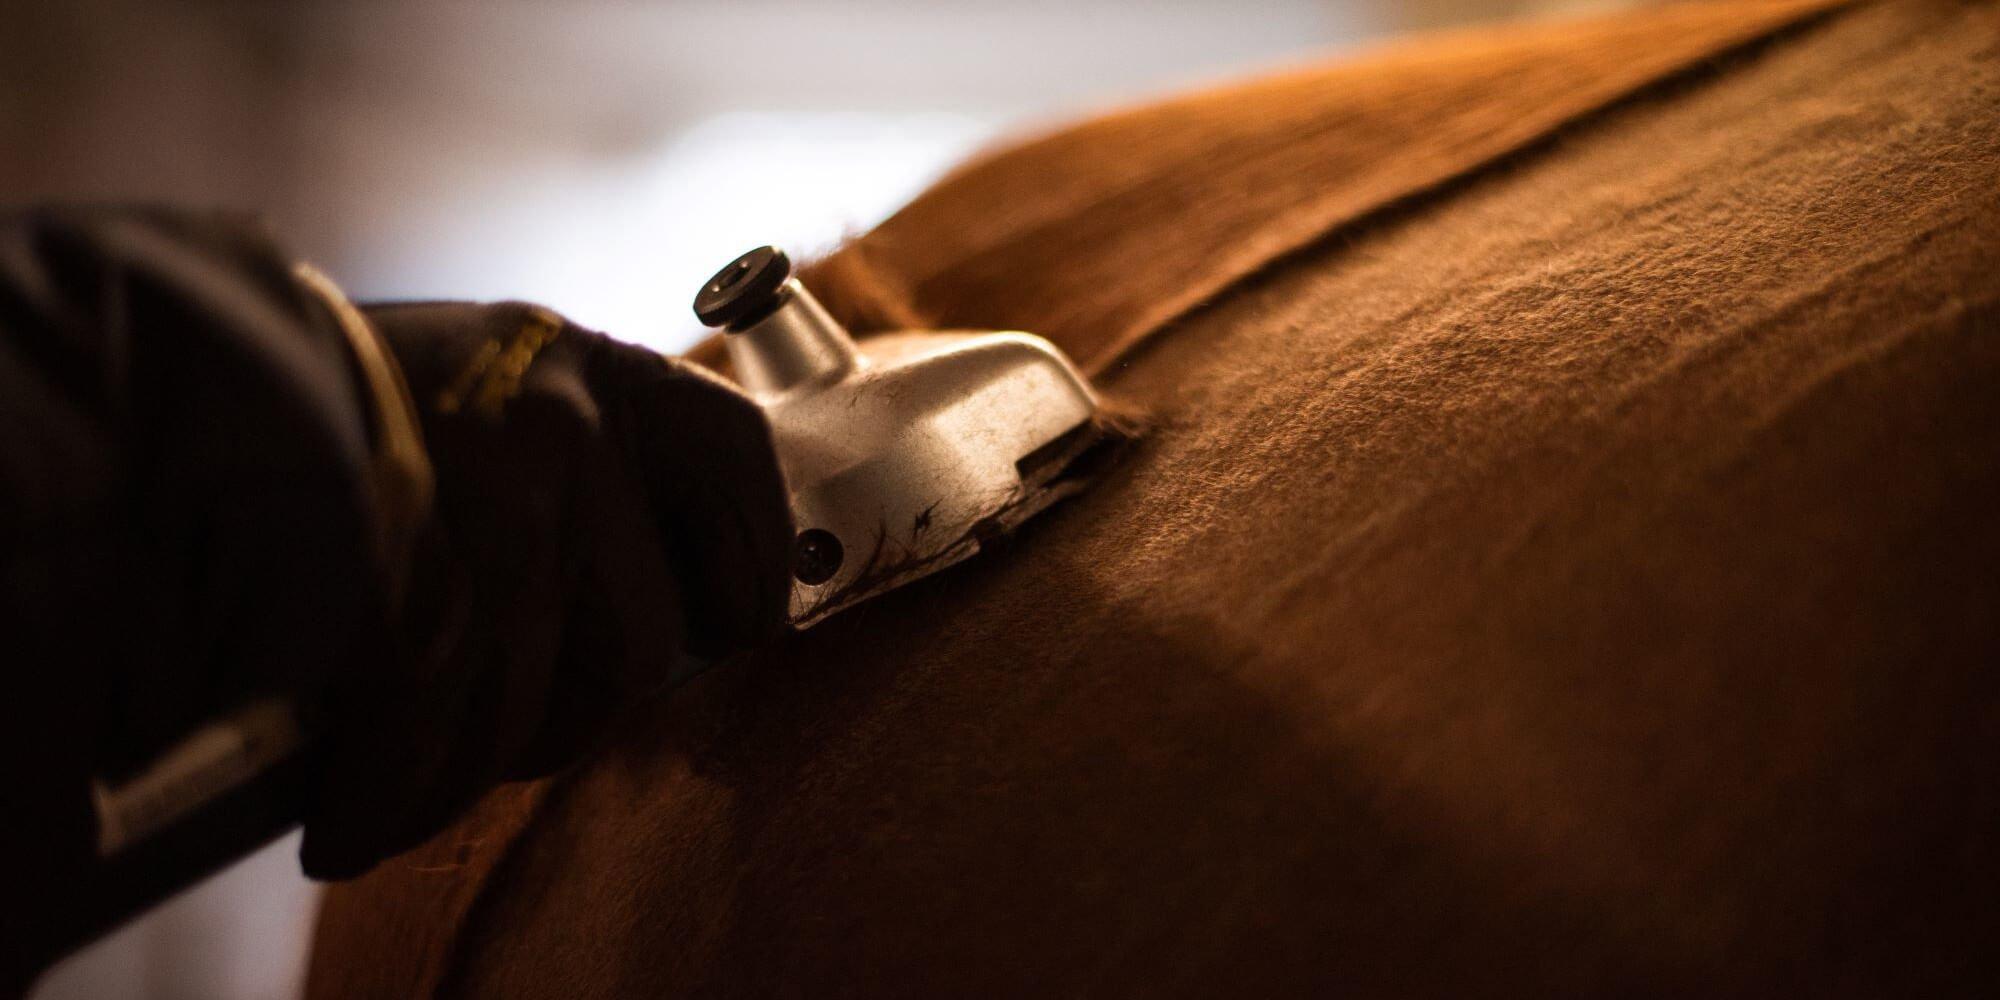 Pferde scheren: Jetzt geht es dem Pferd an den Winterpelz